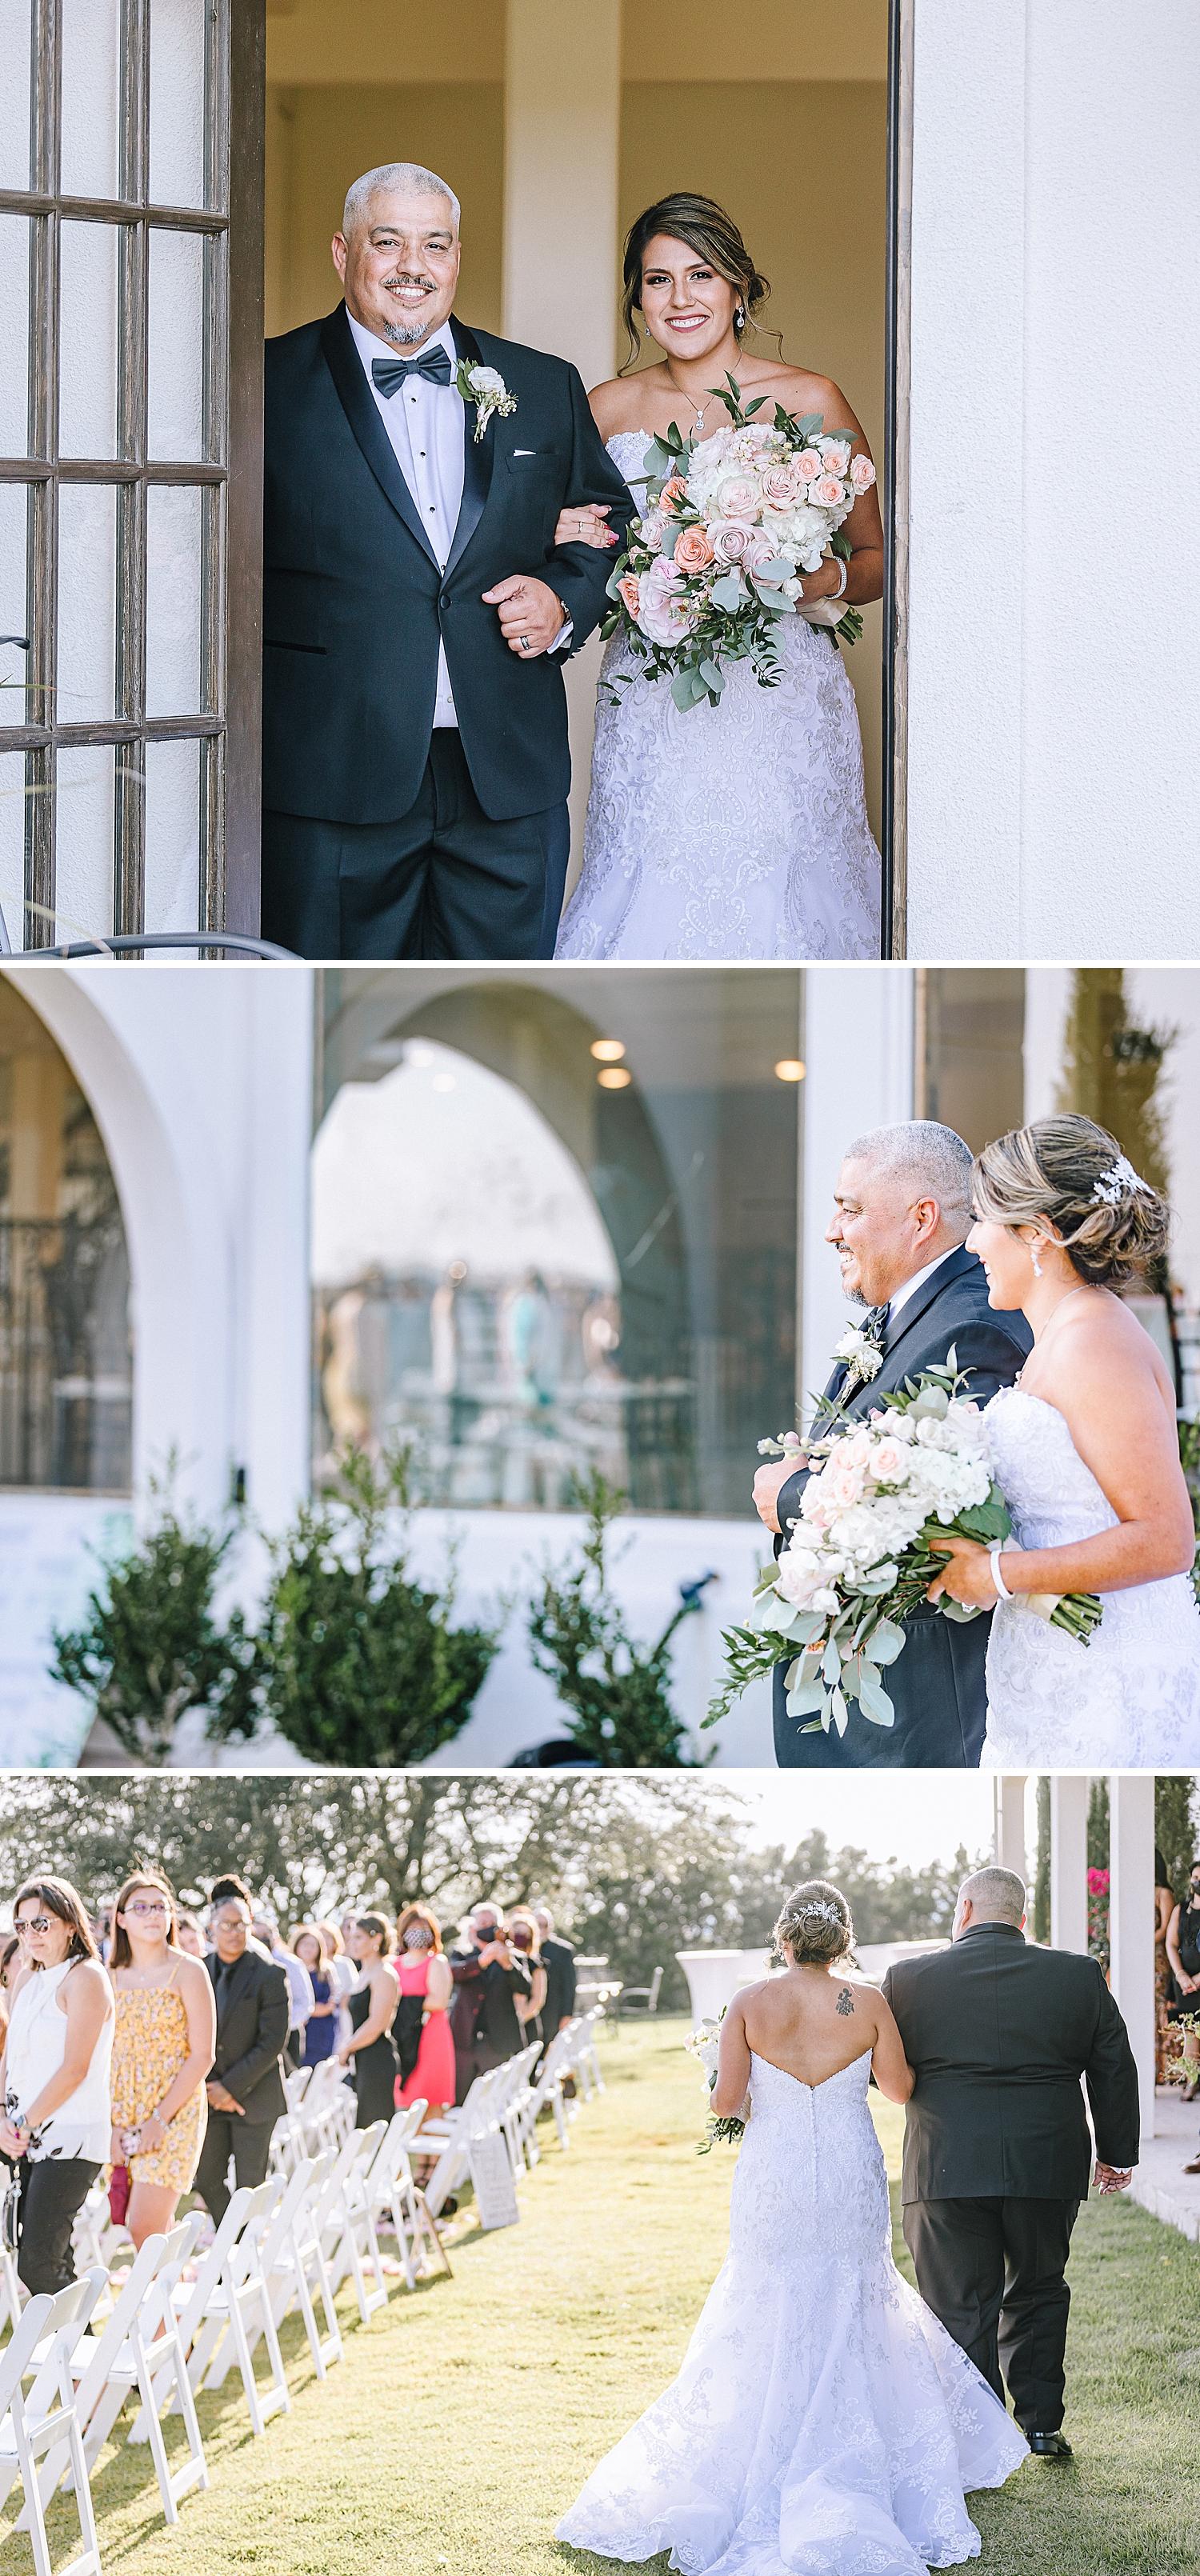 Carly-Barton-Photography-The-Villa-at-Cielo-Vista-Blush-Gold-White-Wedding-Photos_0083.jpg